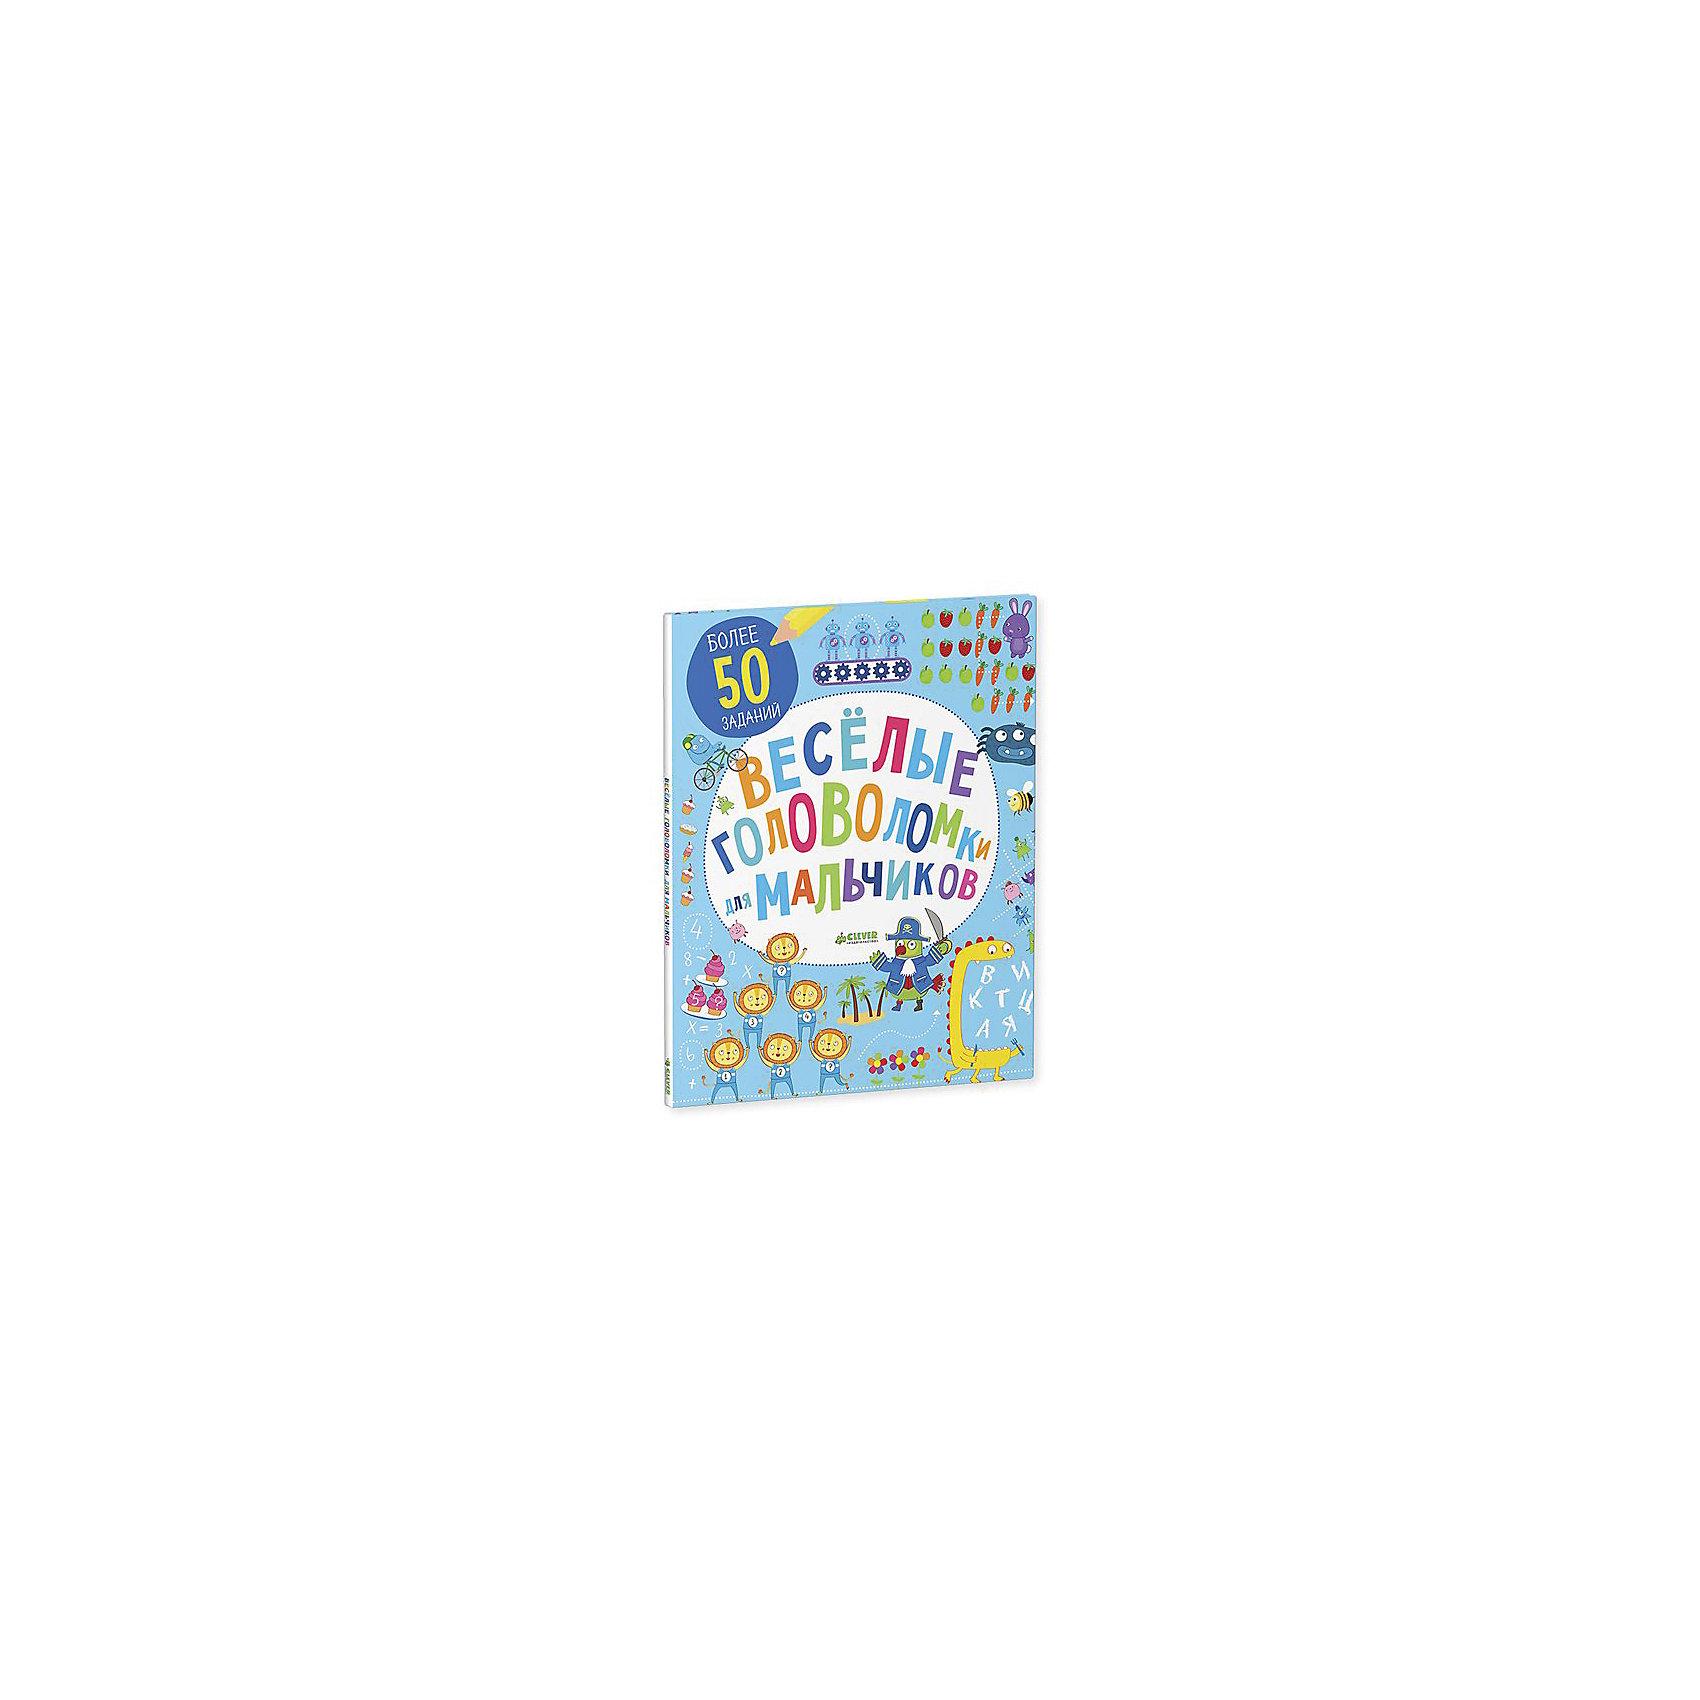 Книга Веселые головоломки для мальчиковКнига Веселые головоломки для мальчиков – это красочная книга, в которой более 50 занимательных заданий.<br>Скорее бери карандаш и приготовься решать головоломки! Увлекательные задания на логику и внимательность, интересные лабиринты, игры с числами и словами, задания на внимательность, лабиринты, находилки, бродилки и многое другое. Скучно не будет!<br><br>Дополнительная информация:<br><br>- Автор: Поттер Уильям<br>- Художники: Твоми Эмили, Вуд Стив, Аниель Изабель<br>- Переводчик: Покидаева Татьяна<br>- Редактор: Измайлова Елена<br>- Издательство: Клевер Медиа Групп, 2016 г.<br>- Серия: Рисуем и играем<br>- Тип обложки: мягкая<br>- Иллюстрации: цветные<br>- Количество страниц: 64<br>- Размер: 270x215x8 мм.<br>- Вес: 228 гр.<br><br>Книгу Веселые головоломки для мальчиков можно купить в нашем интернет-магазине.<br><br>Ширина мм: 270<br>Глубина мм: 215<br>Высота мм: 8<br>Вес г: 228<br>Возраст от месяцев: 84<br>Возраст до месяцев: 132<br>Пол: Мужской<br>Возраст: Детский<br>SKU: 4621986